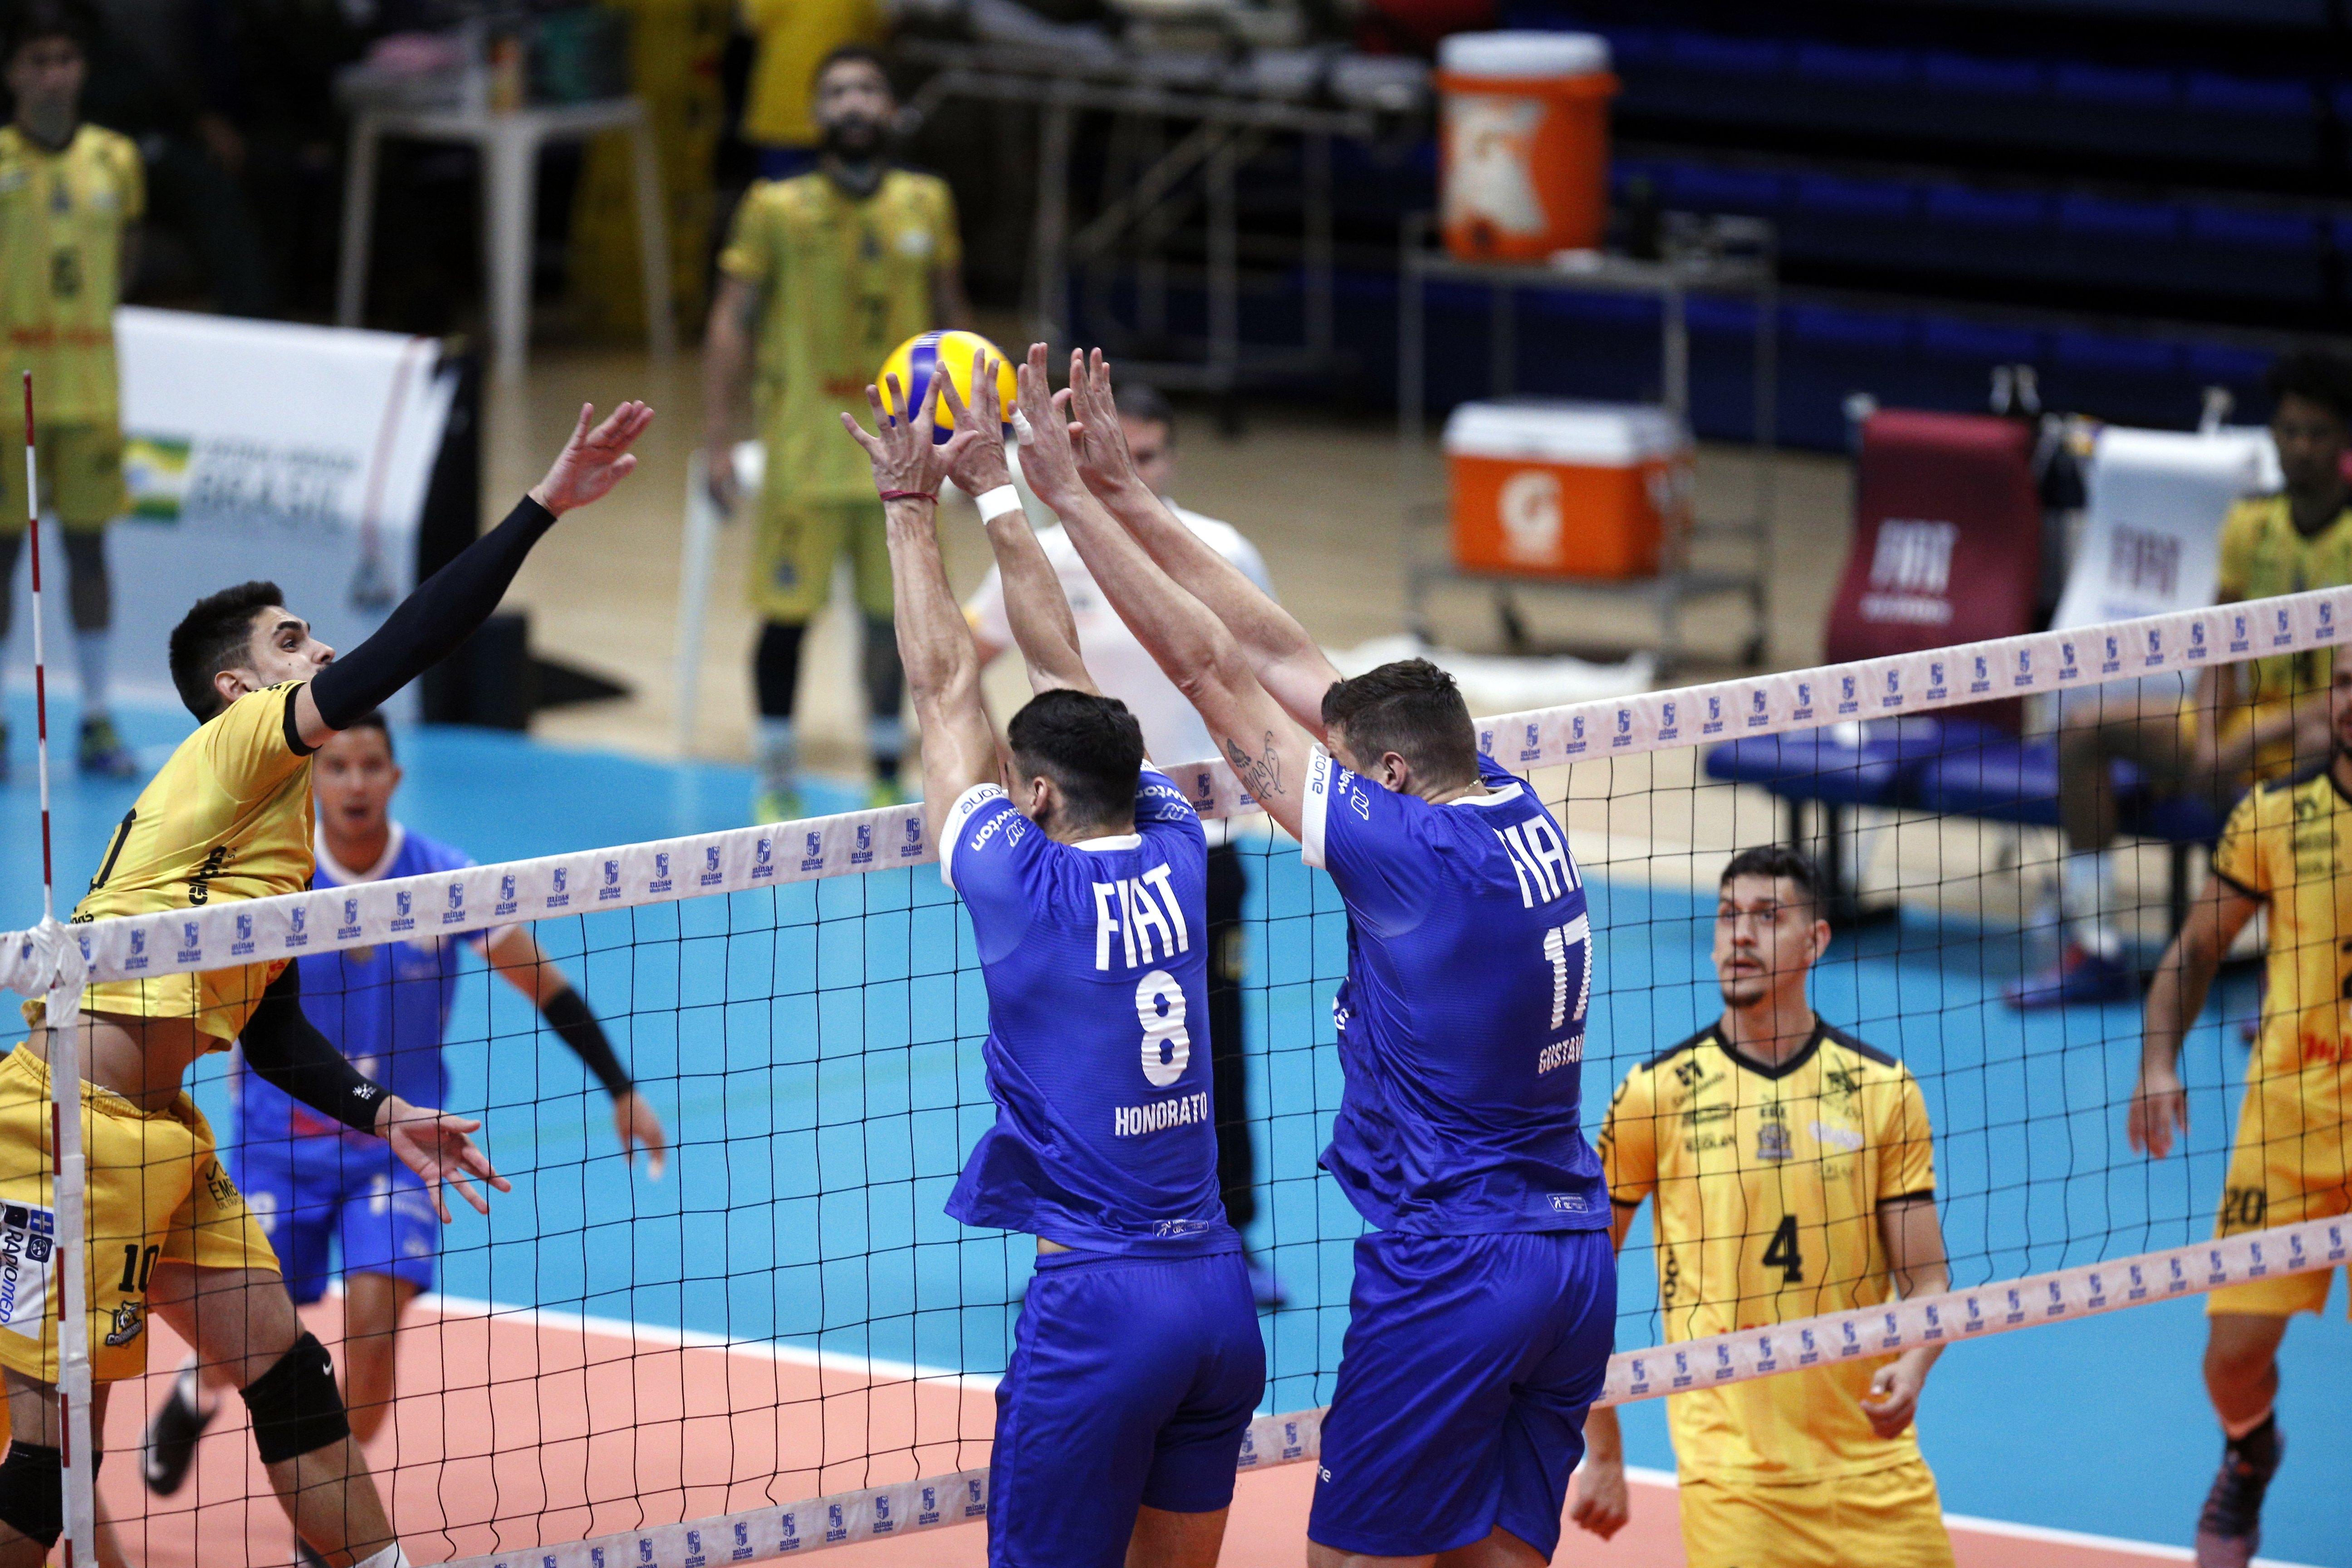 Fiat/Minas venceu mais uma partida na Arena MTC / Fotos: Orlando Bento/MTC